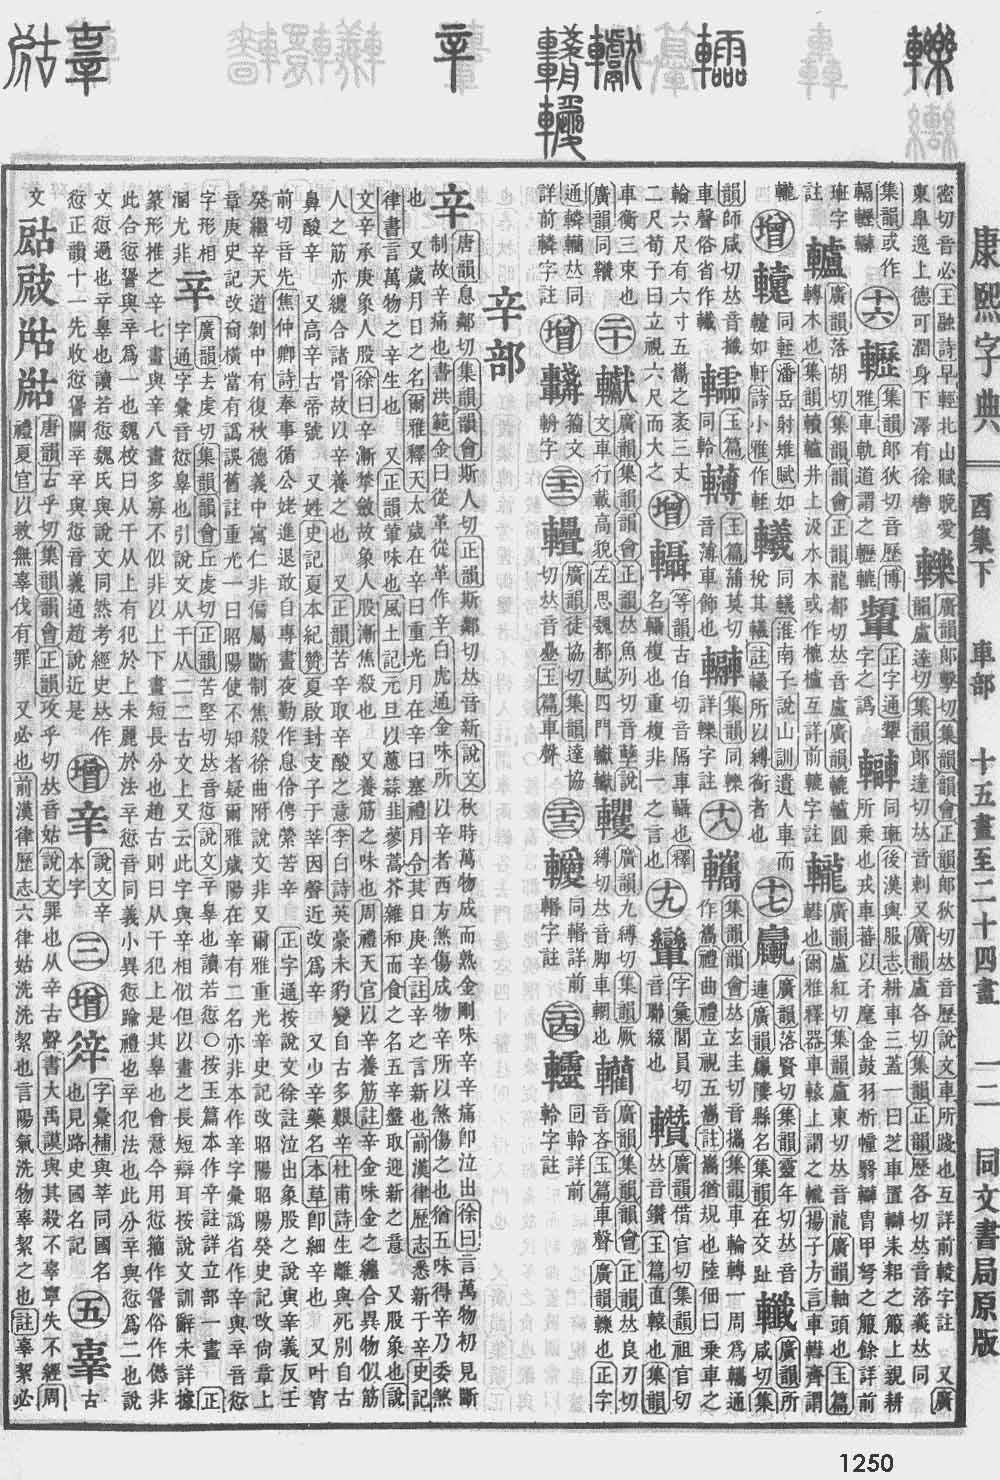 《康熙字典》第1250页